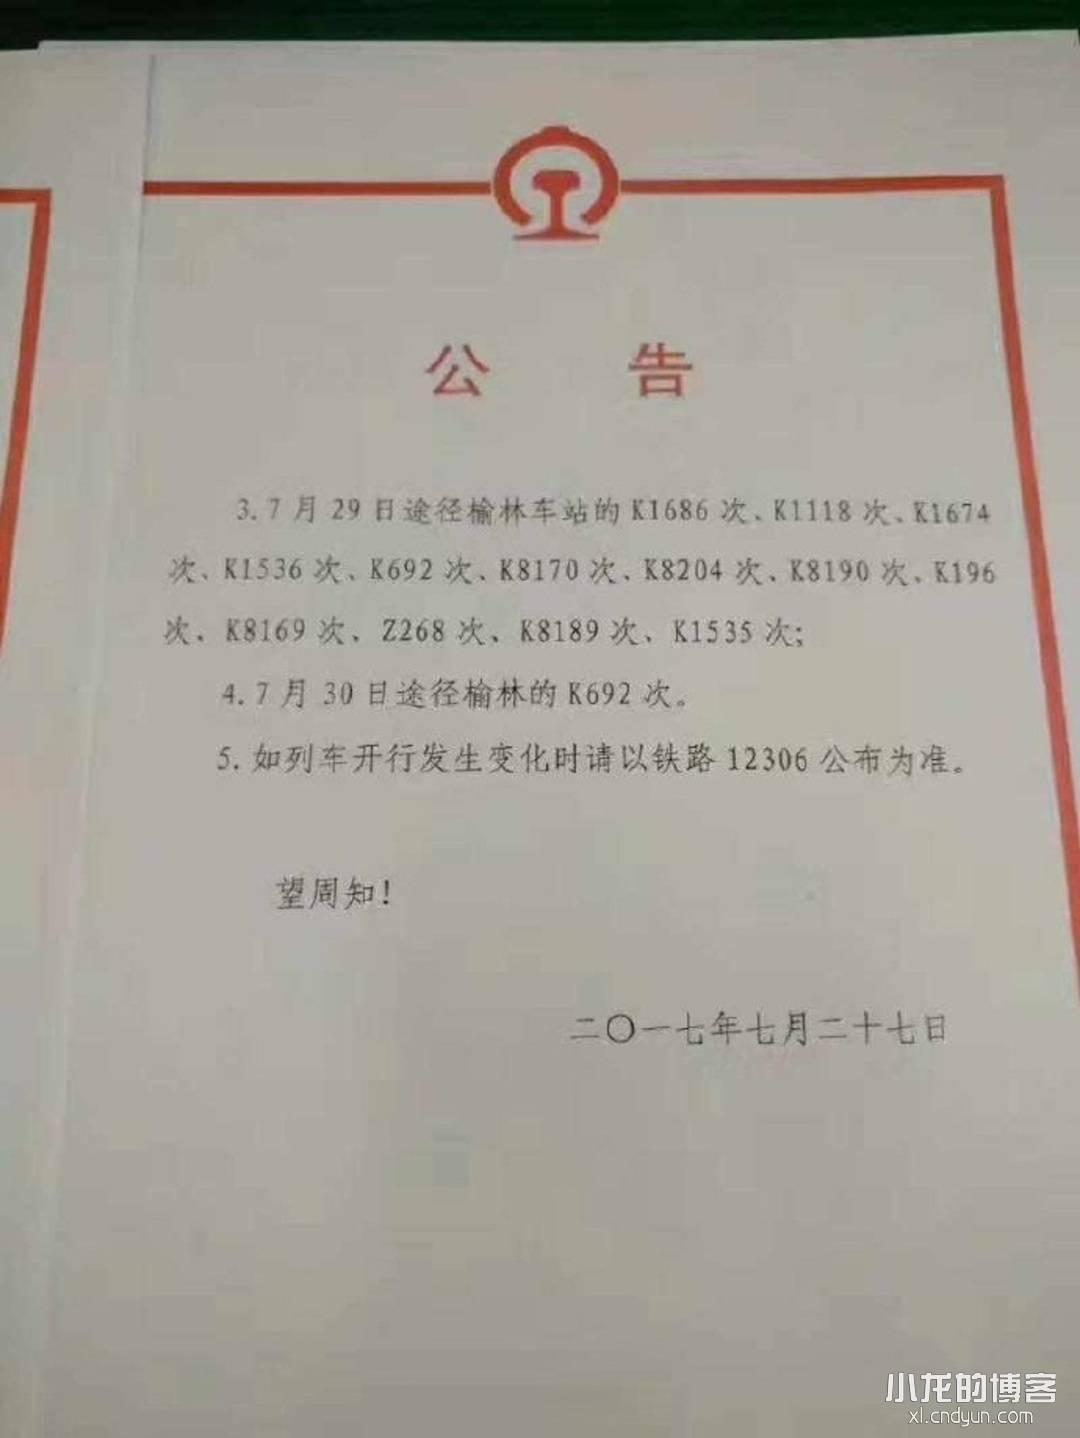 榆林火车站最新动态(28日~30日)